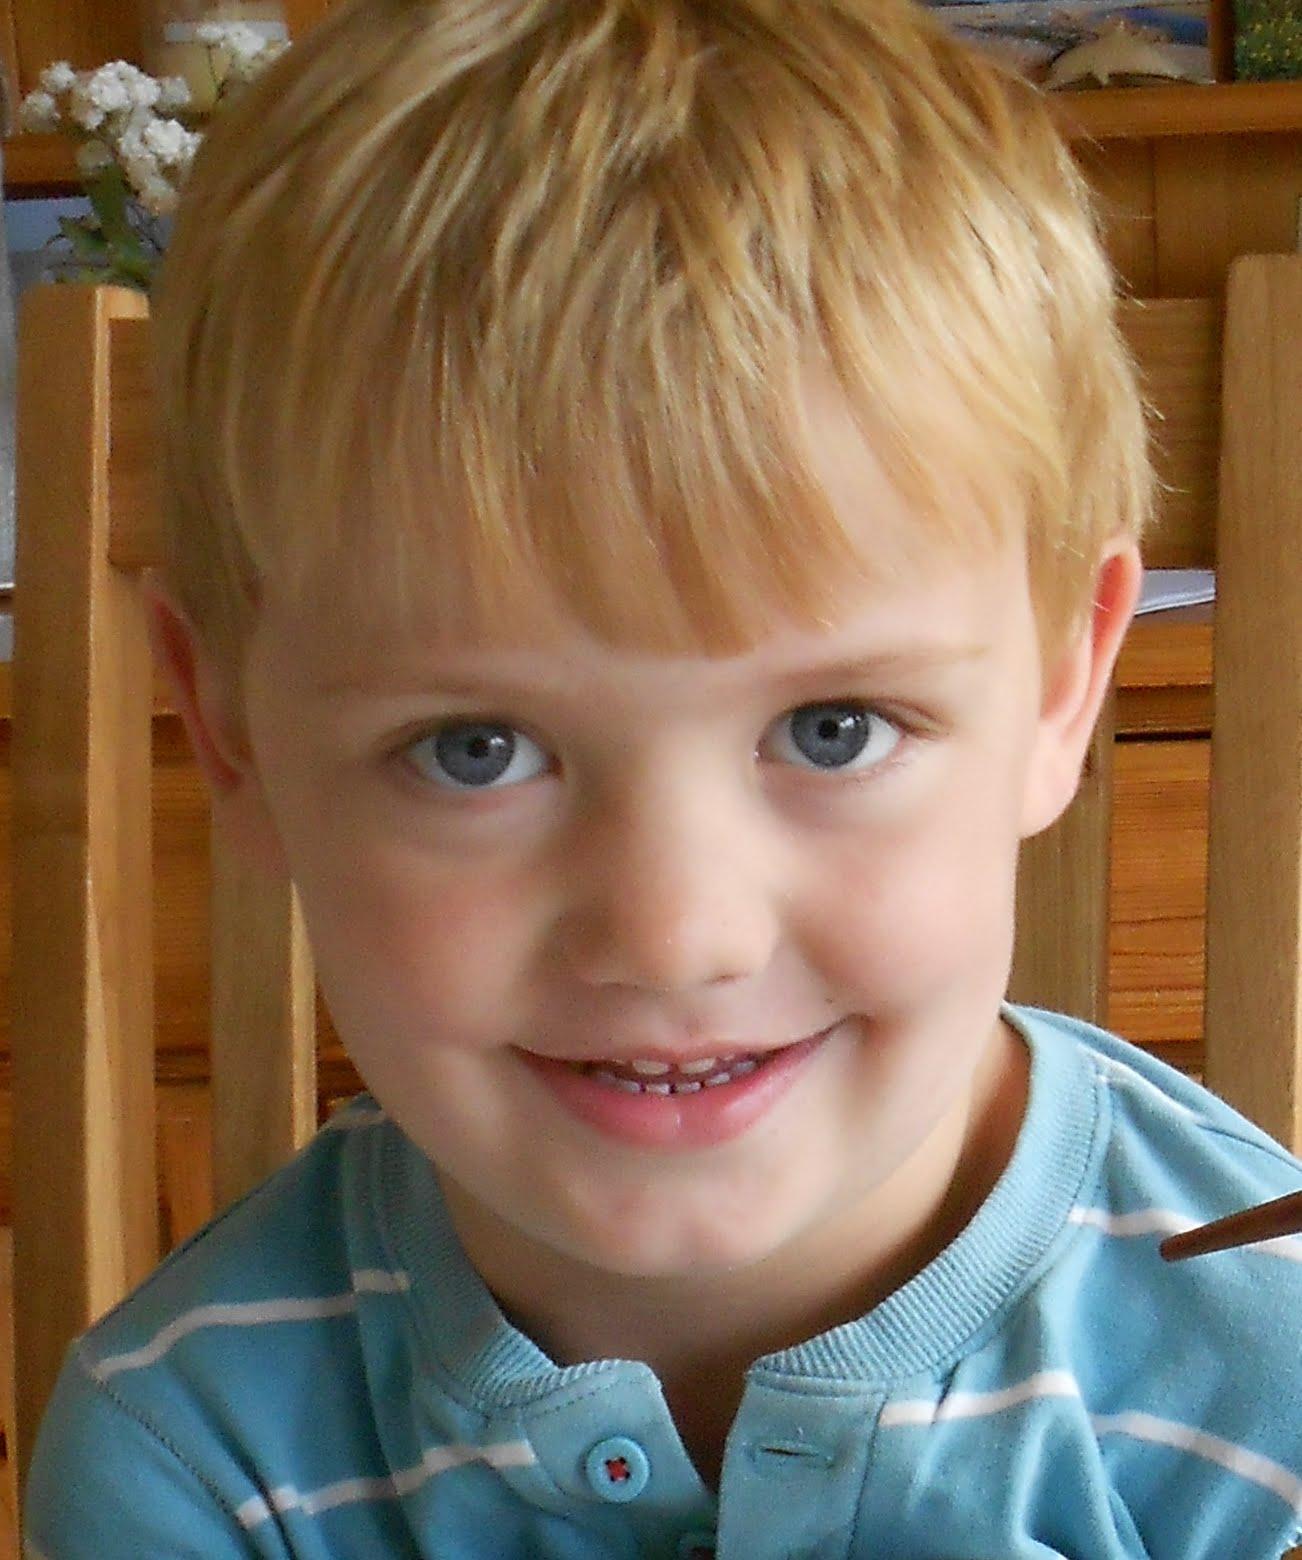 Cute 12 Year Old Boy With Blue Eyes Rachael Edwards